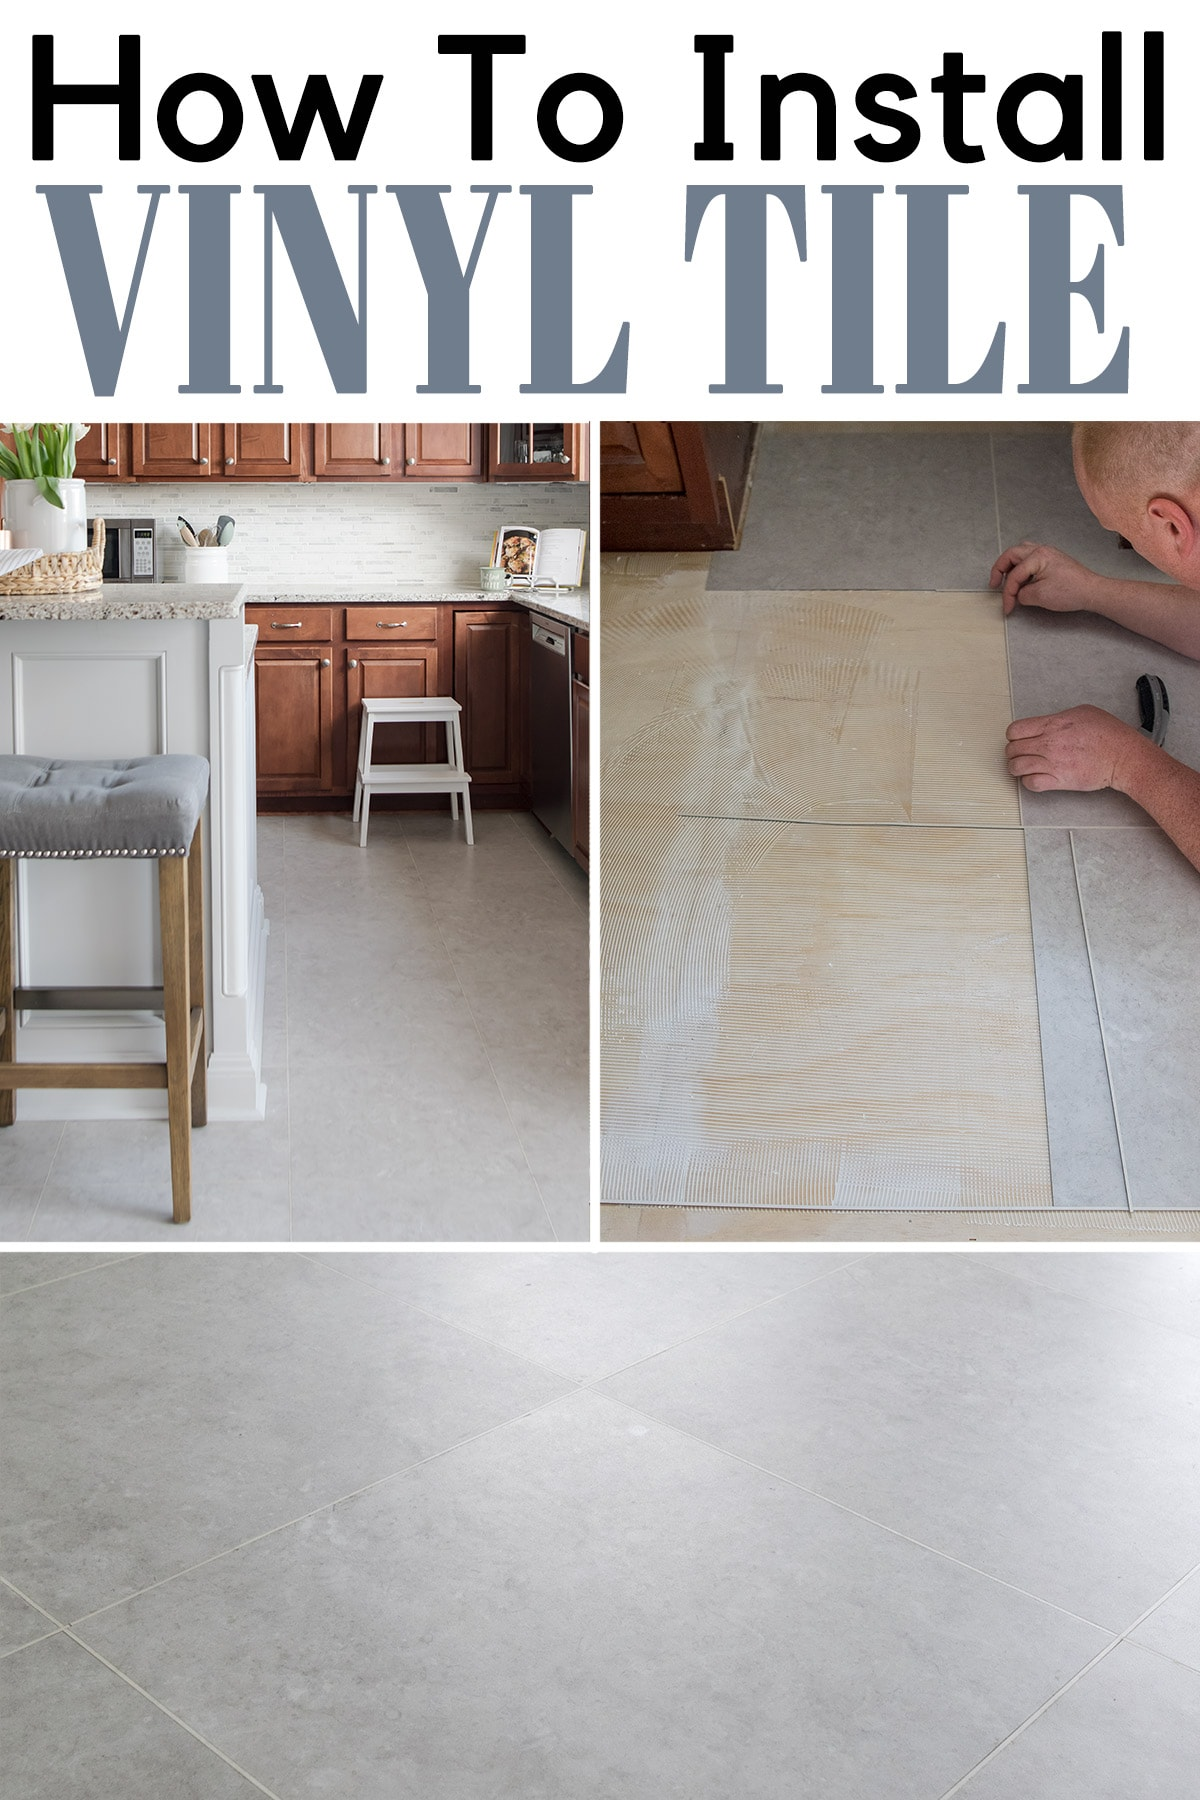 install luxury vinyl tile on floors